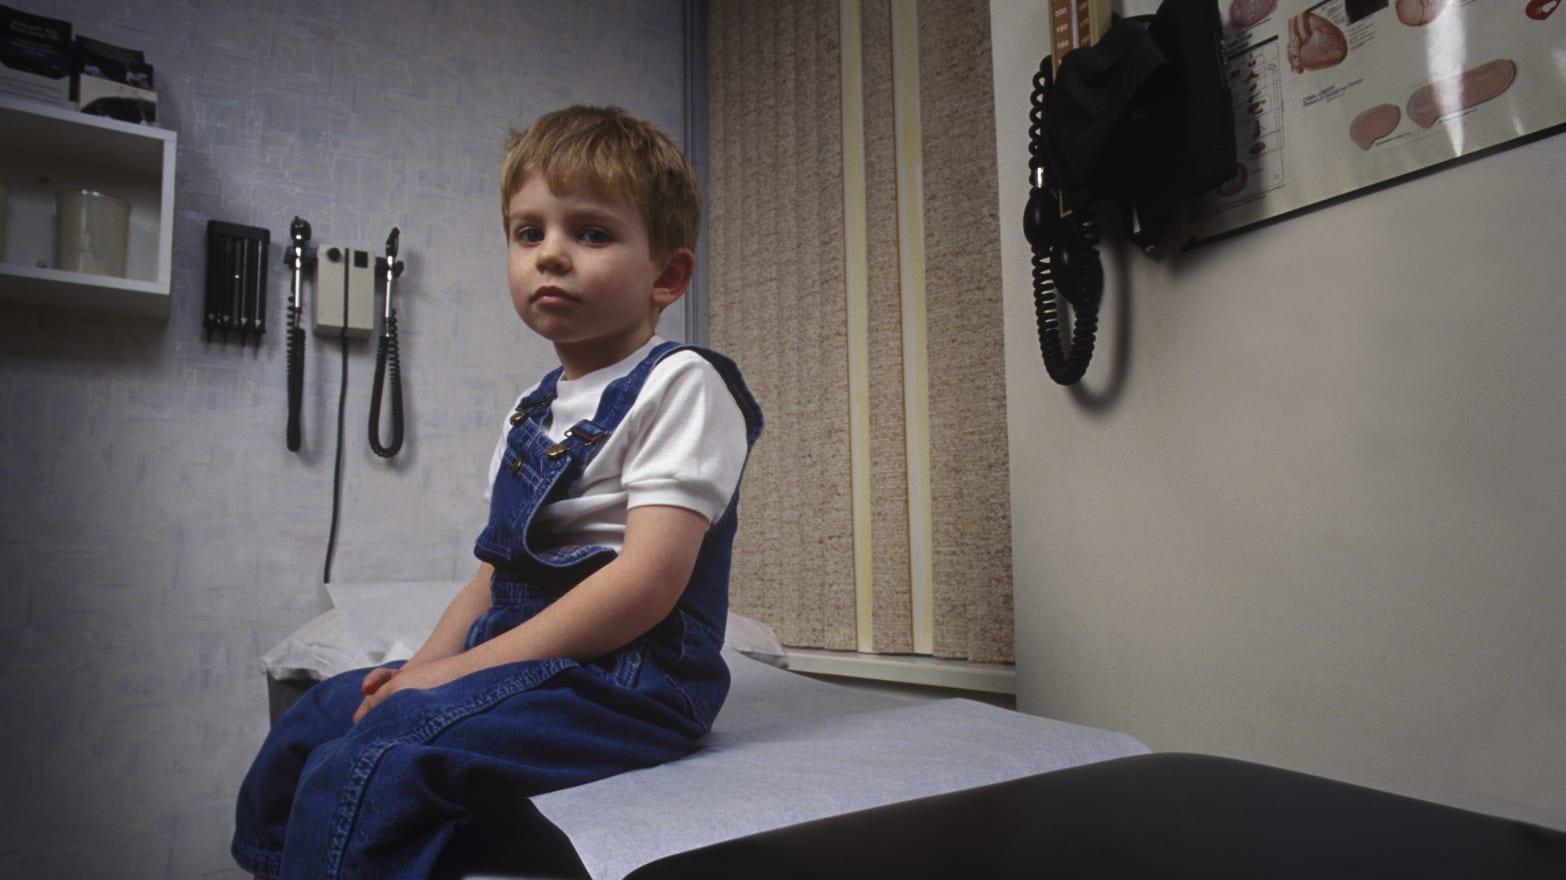 Pediatrician Vaccinate Your Kidsor Get >> Pediatrician Vaccinate Your Kids Or Get Out Of My Office